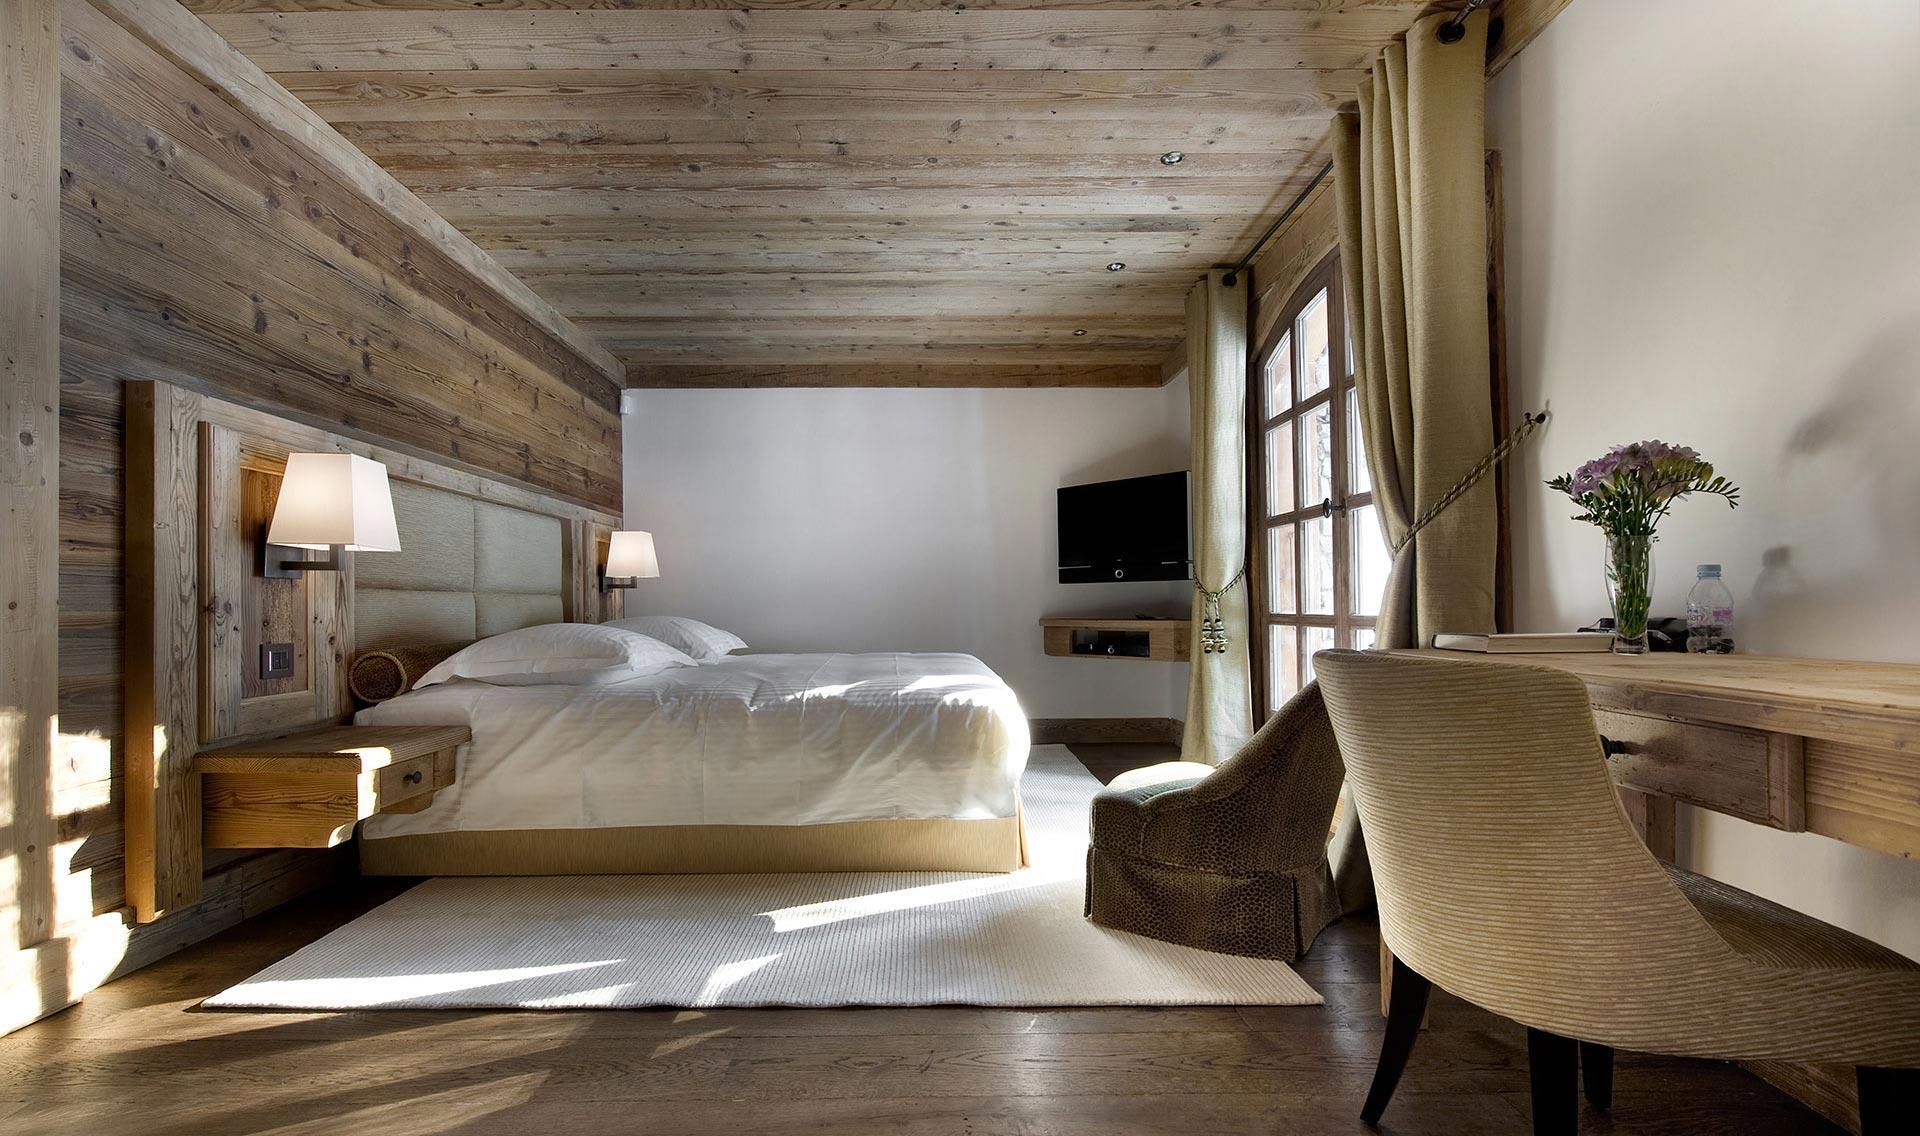 chalet de luxe gentianes avec piscine et jacuzzi interieure. Black Bedroom Furniture Sets. Home Design Ideas